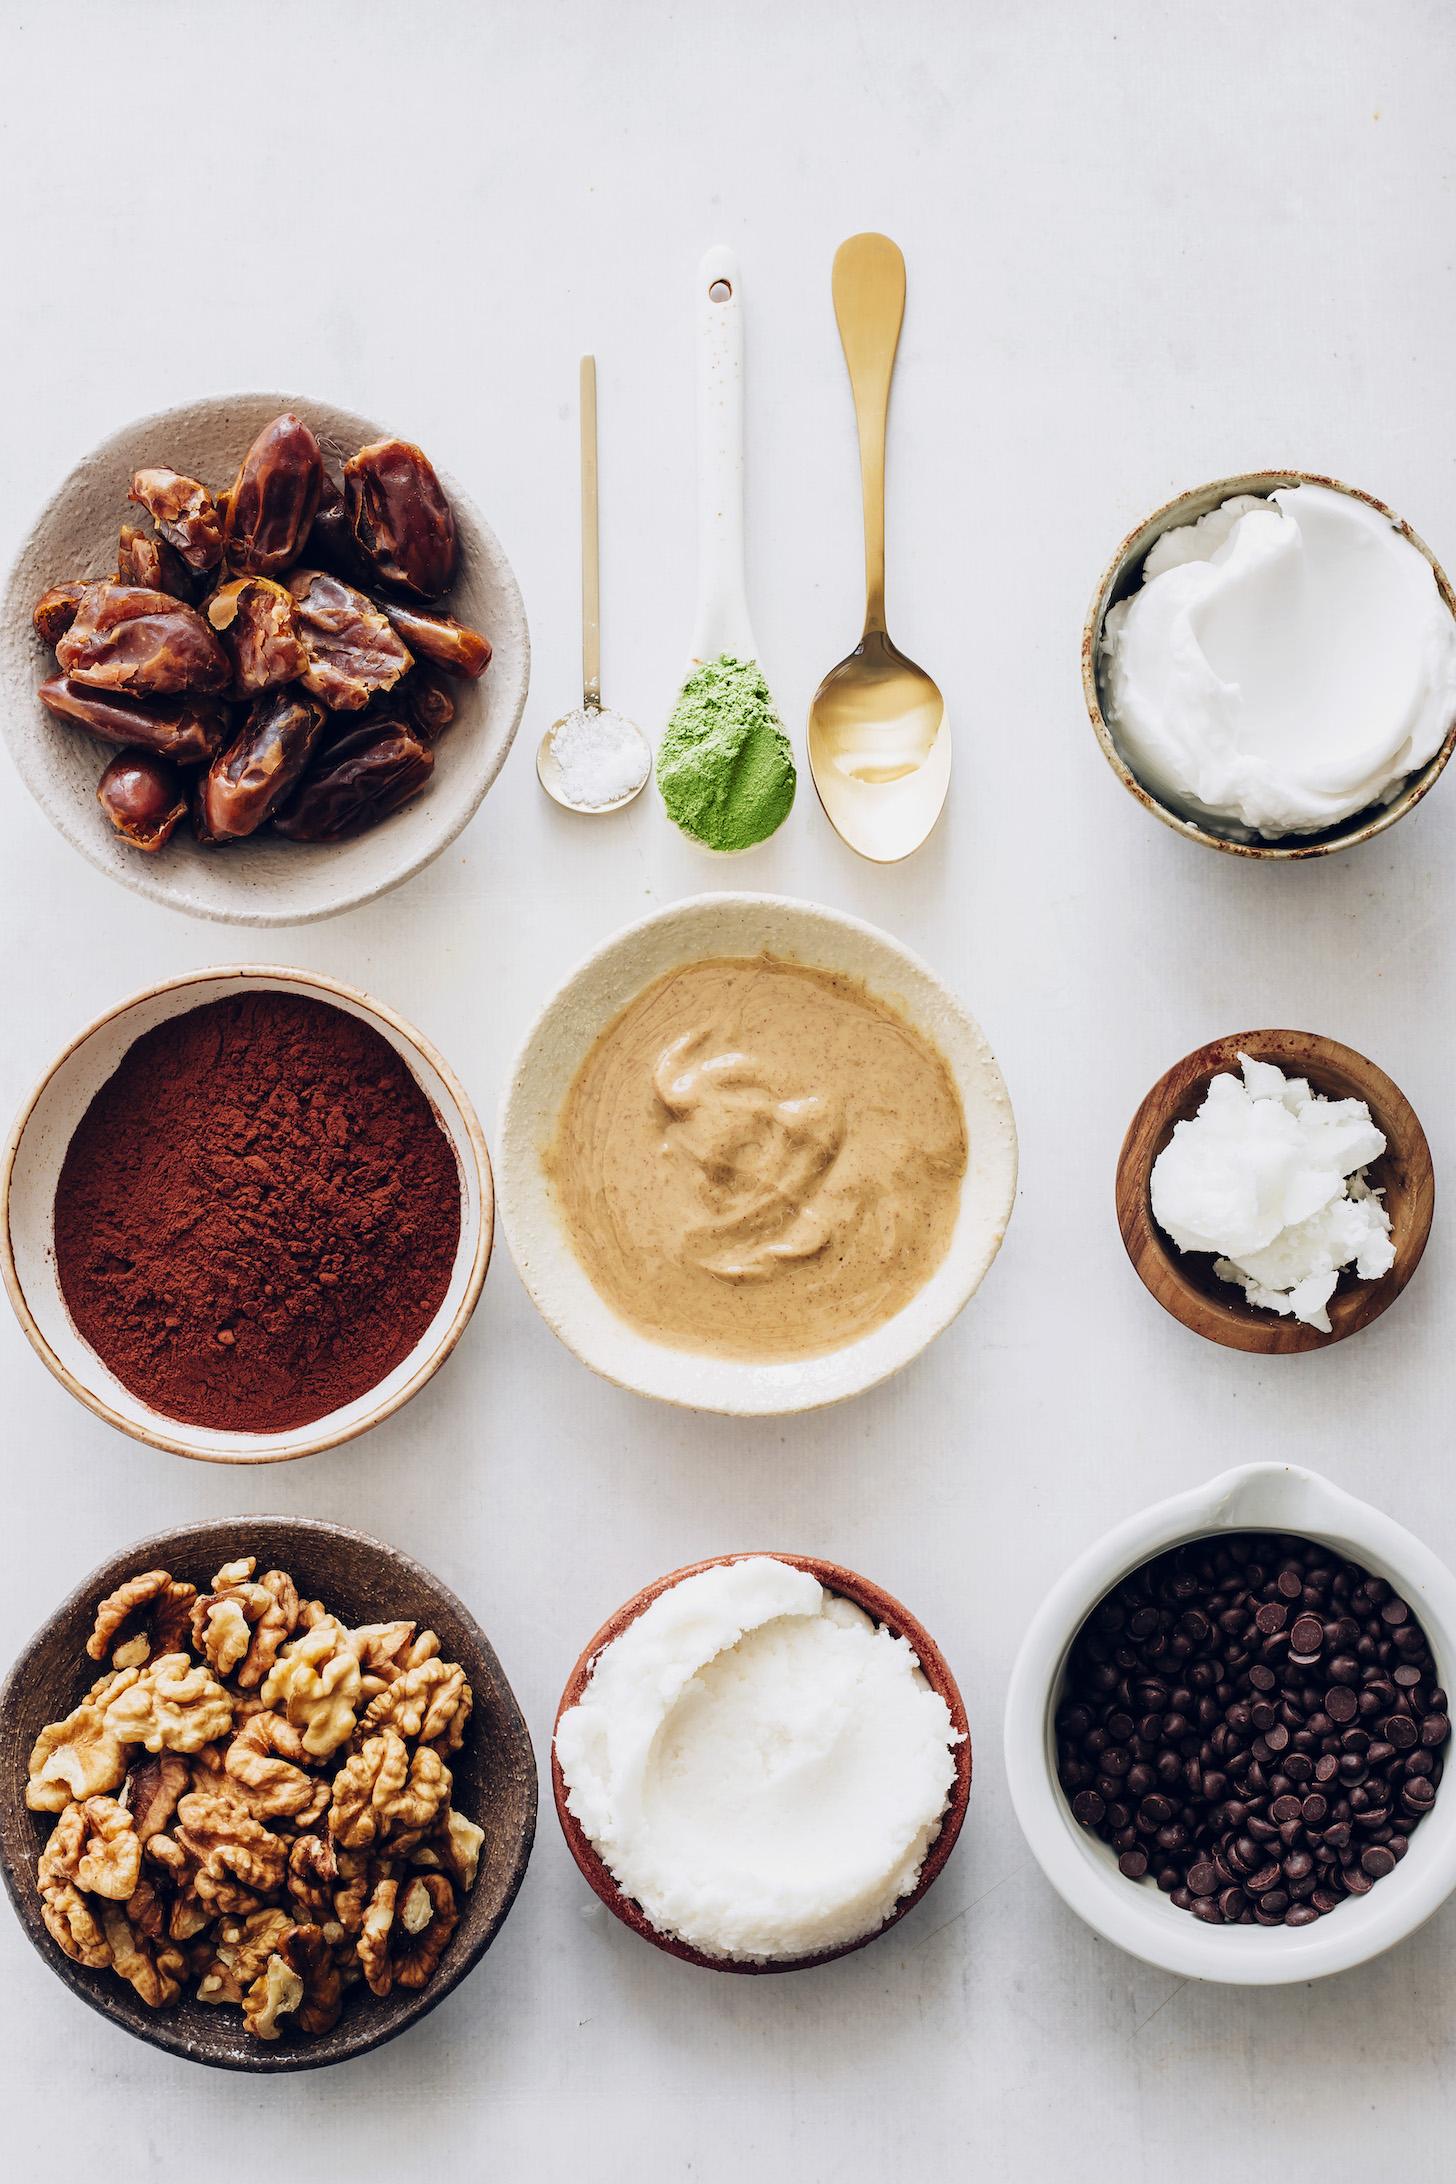 Dátumok, kakaópor, dió, kókuszvaj, kesudióvaj, borsmenta kivonat, kókusztej, kókuszolaj, moringa por, só és csokoládé chips